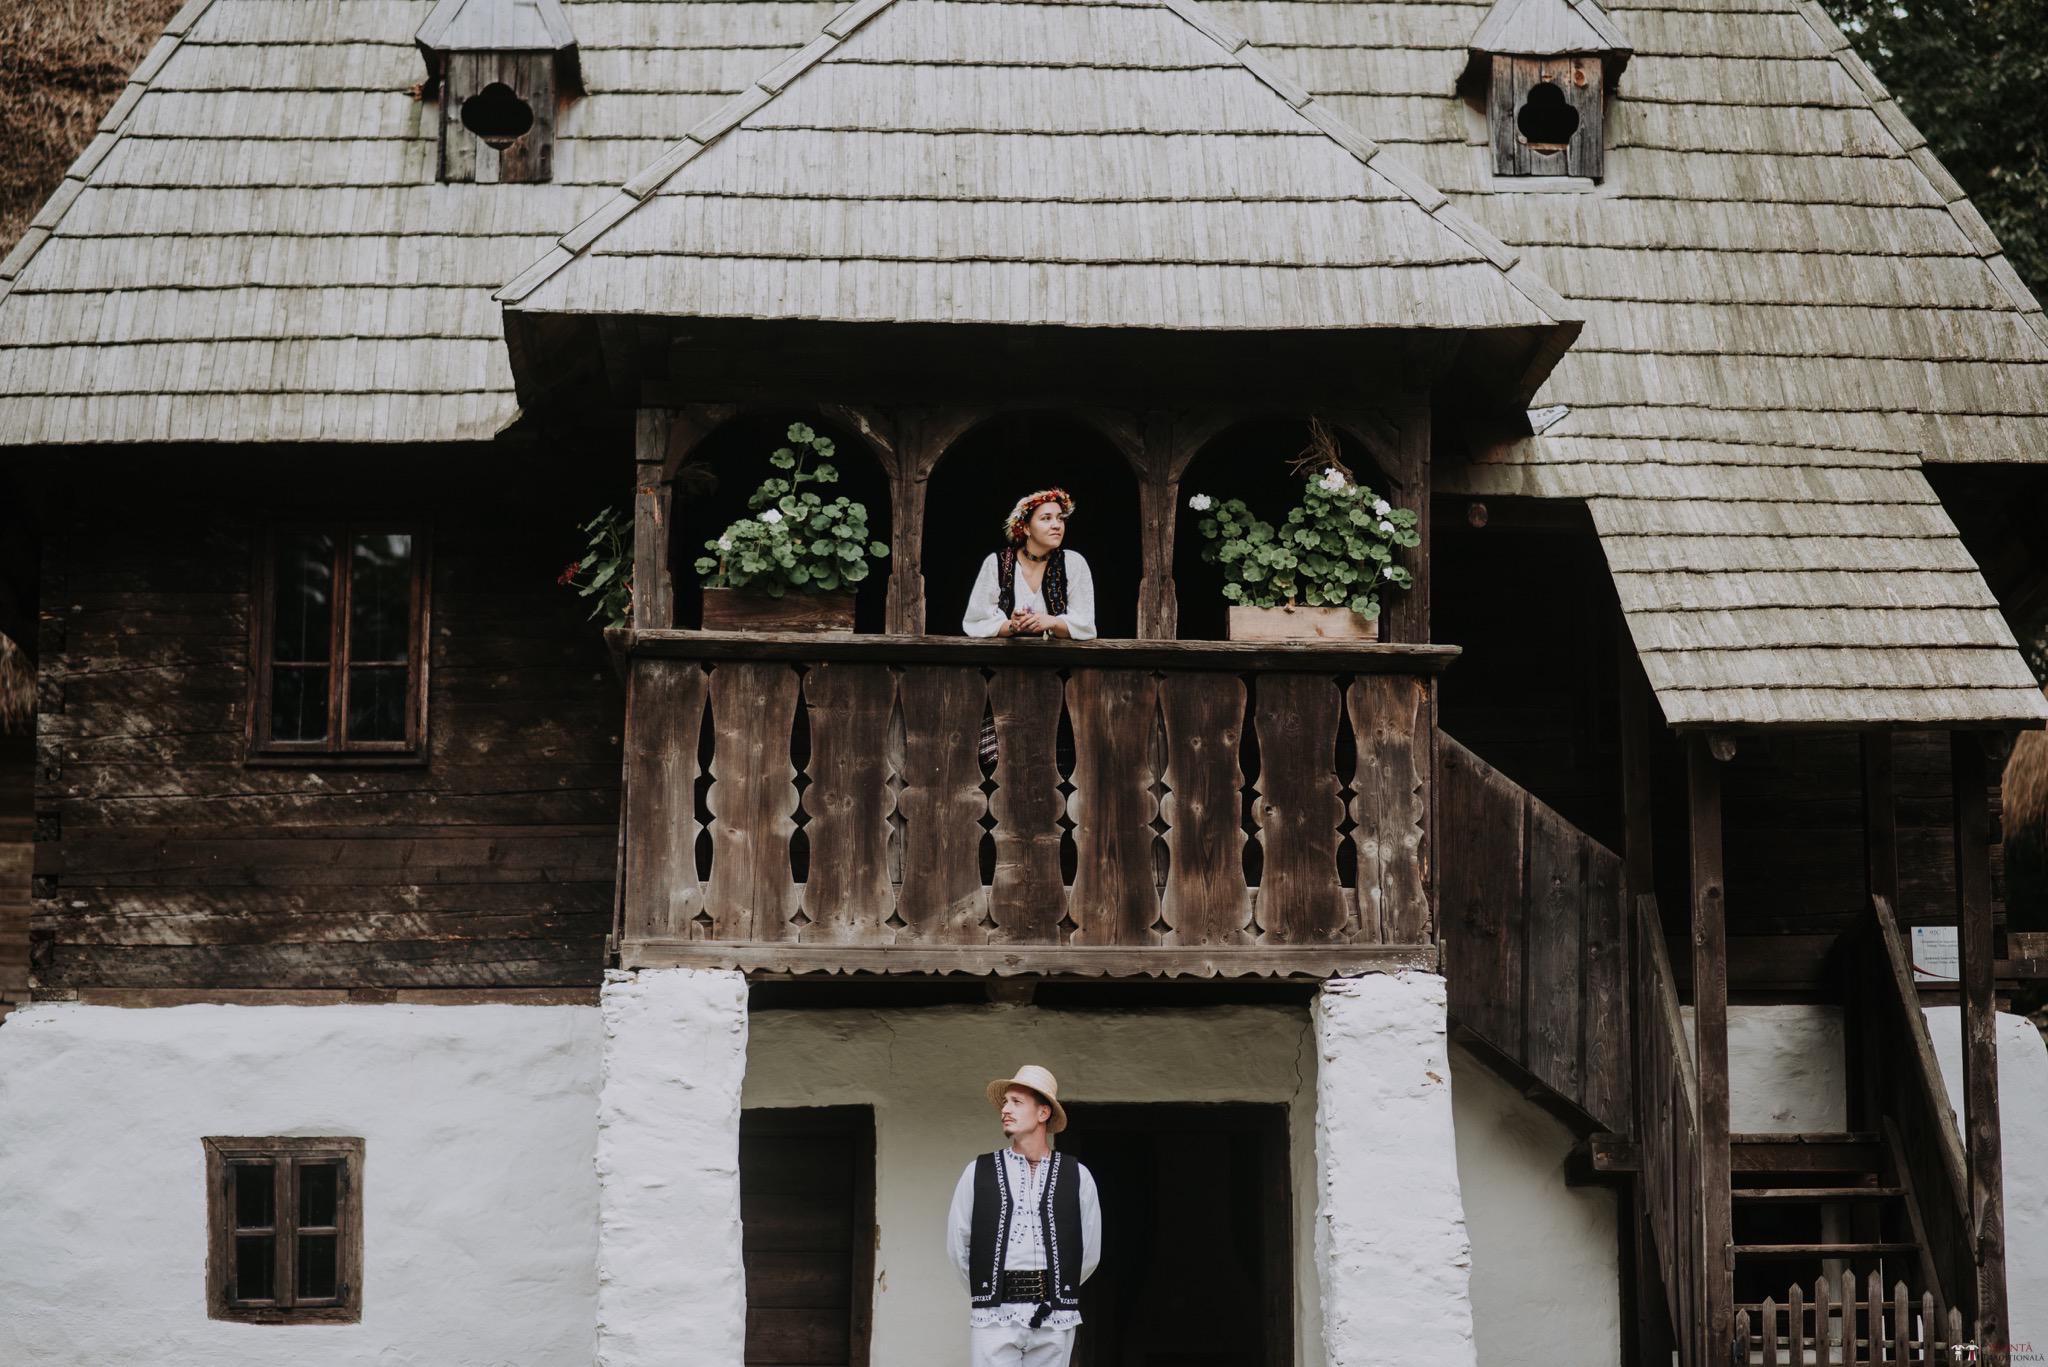 Povești Nunți Tradiționale - Silvia și Adrian. Nuntă tradițională în Ghighișeni, Bihor 109